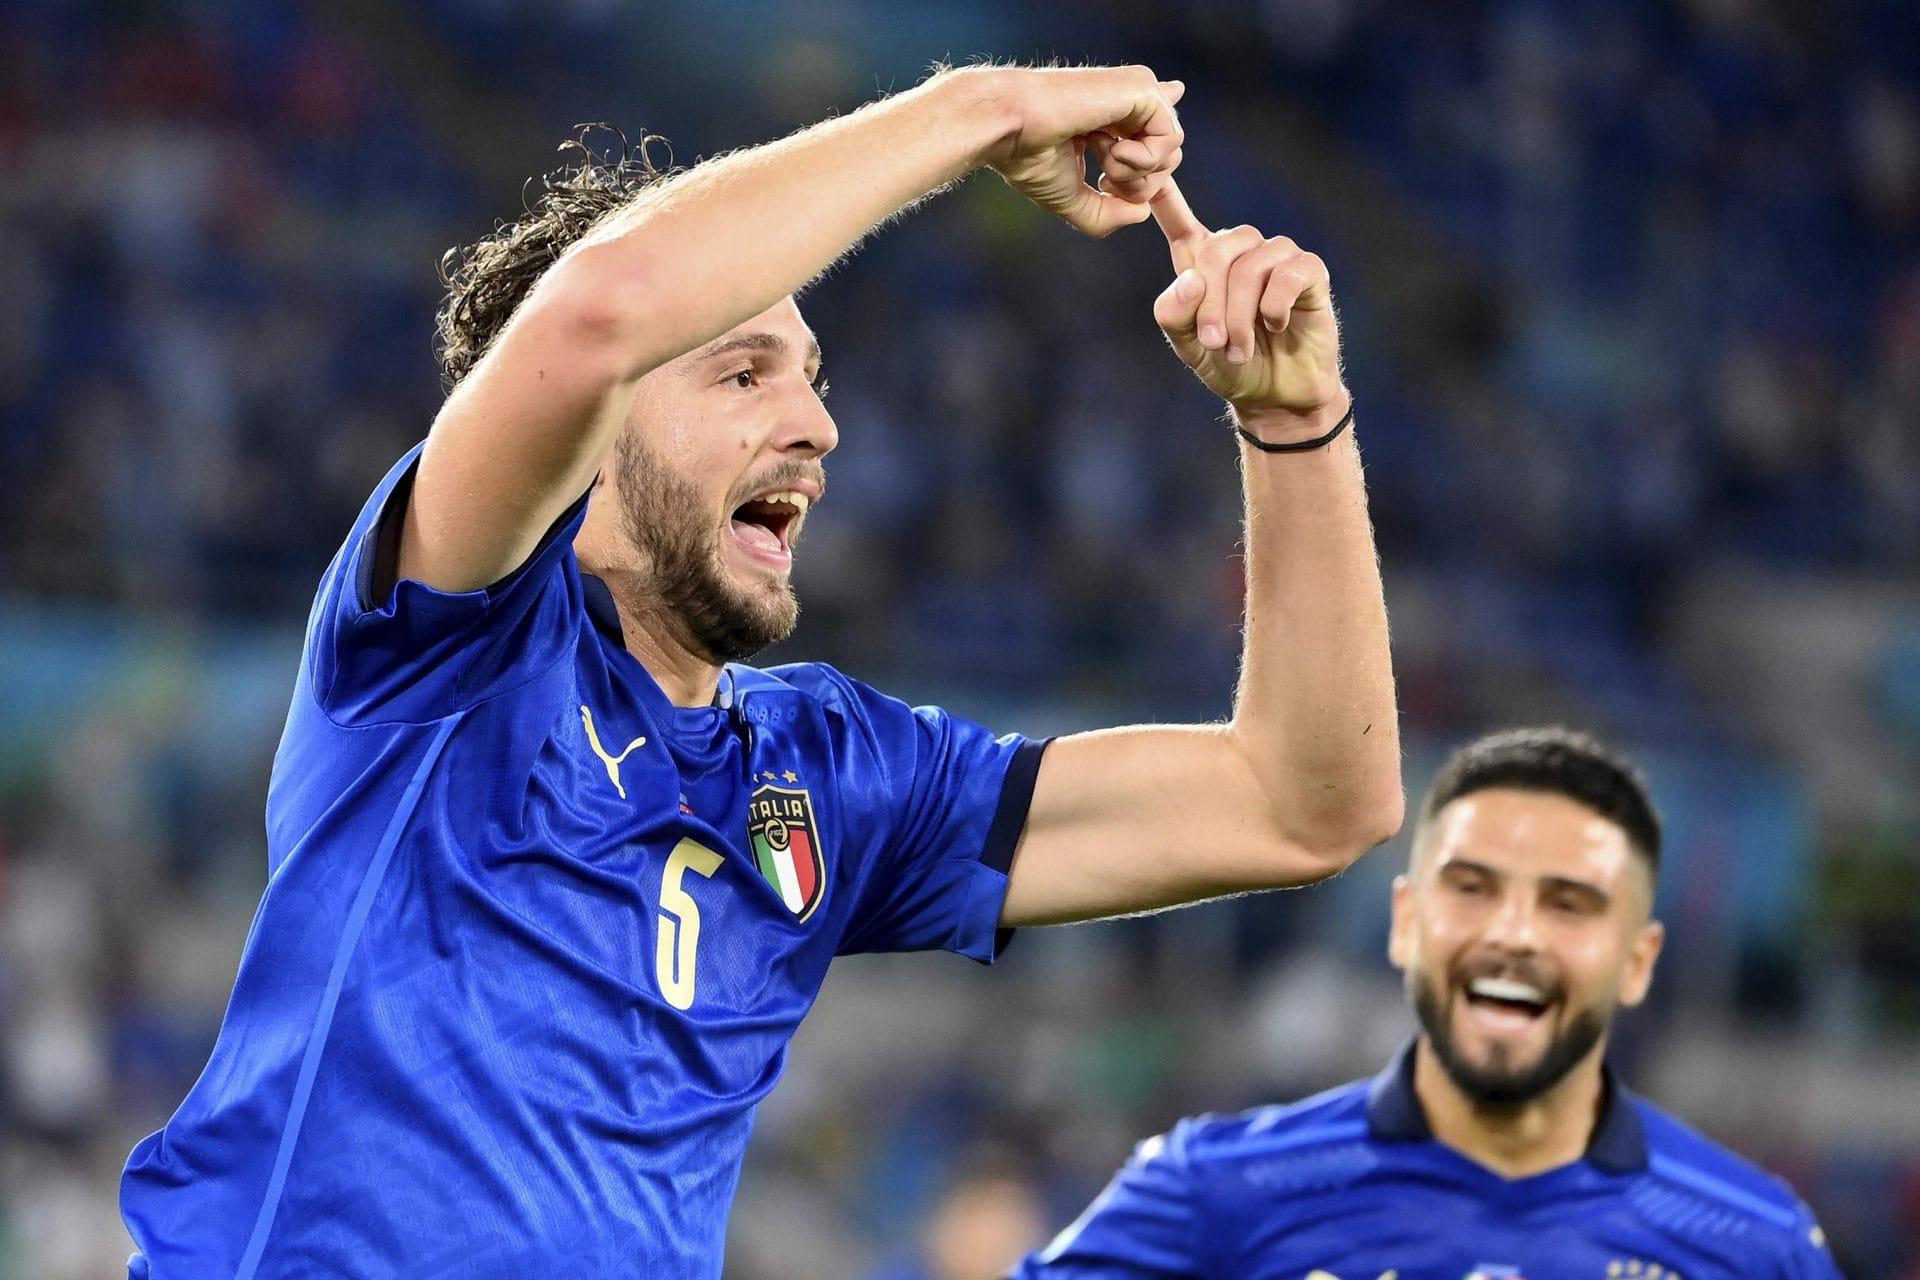 Italien löst das Achtelfinal-Ticket Fußball-EM